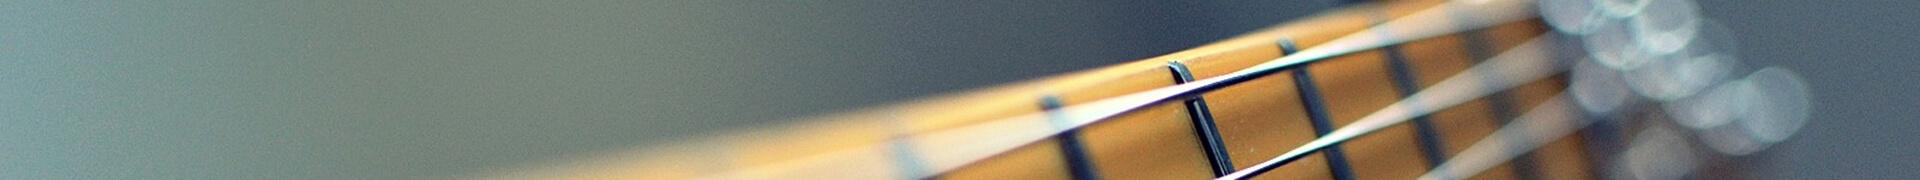 aulas-musica-online-slider